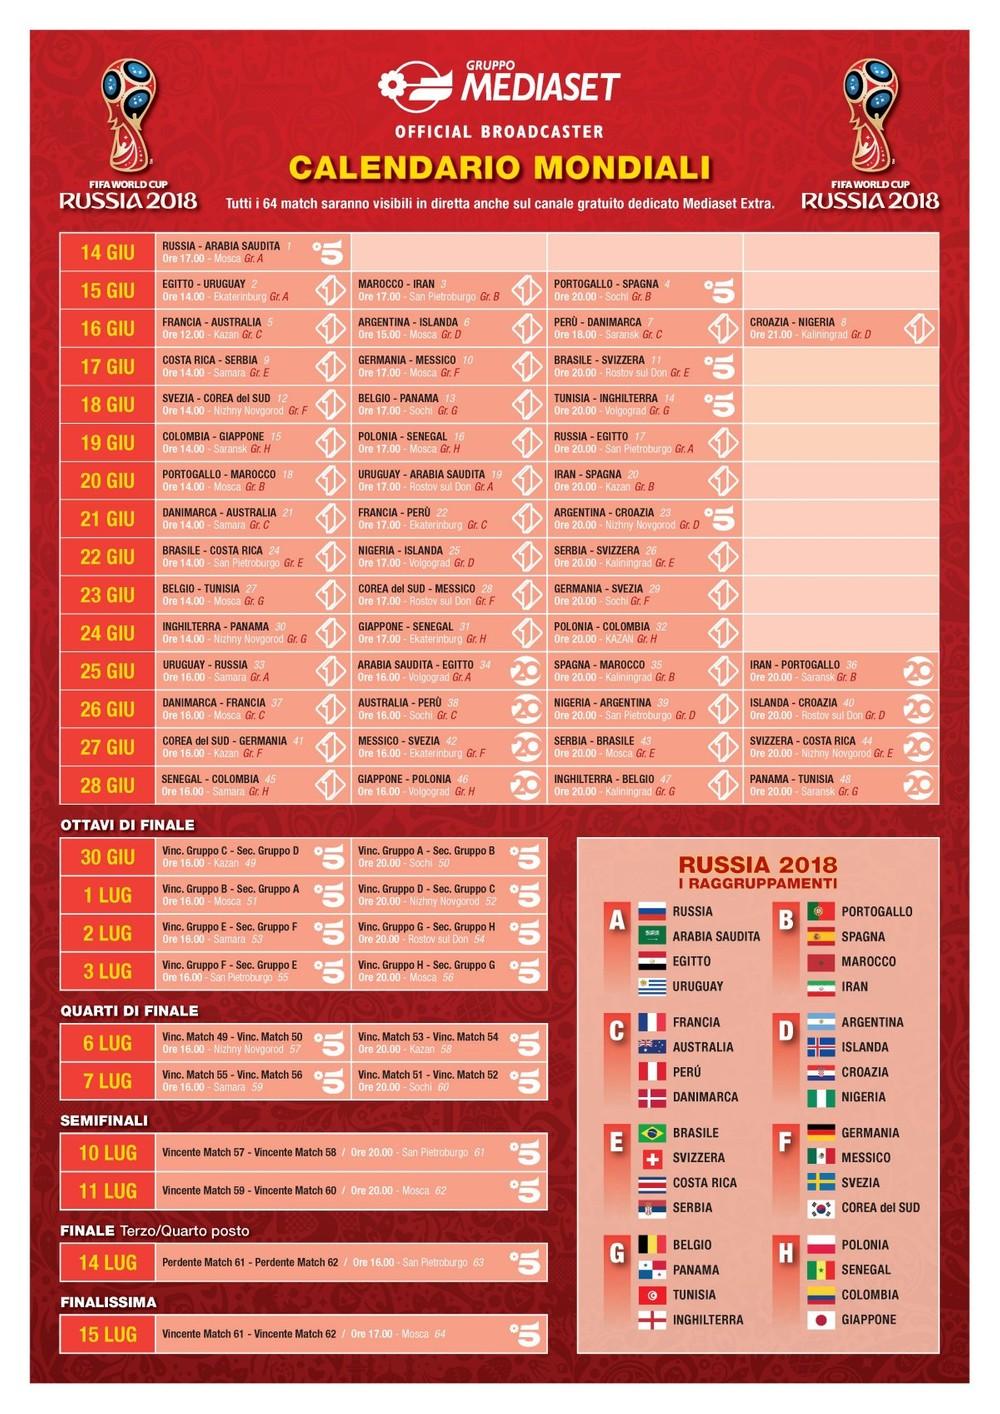 Mondiale Calendario.Mondiali Di Calcio 2018 Al Via Ecco Il Calendario Con Tutti